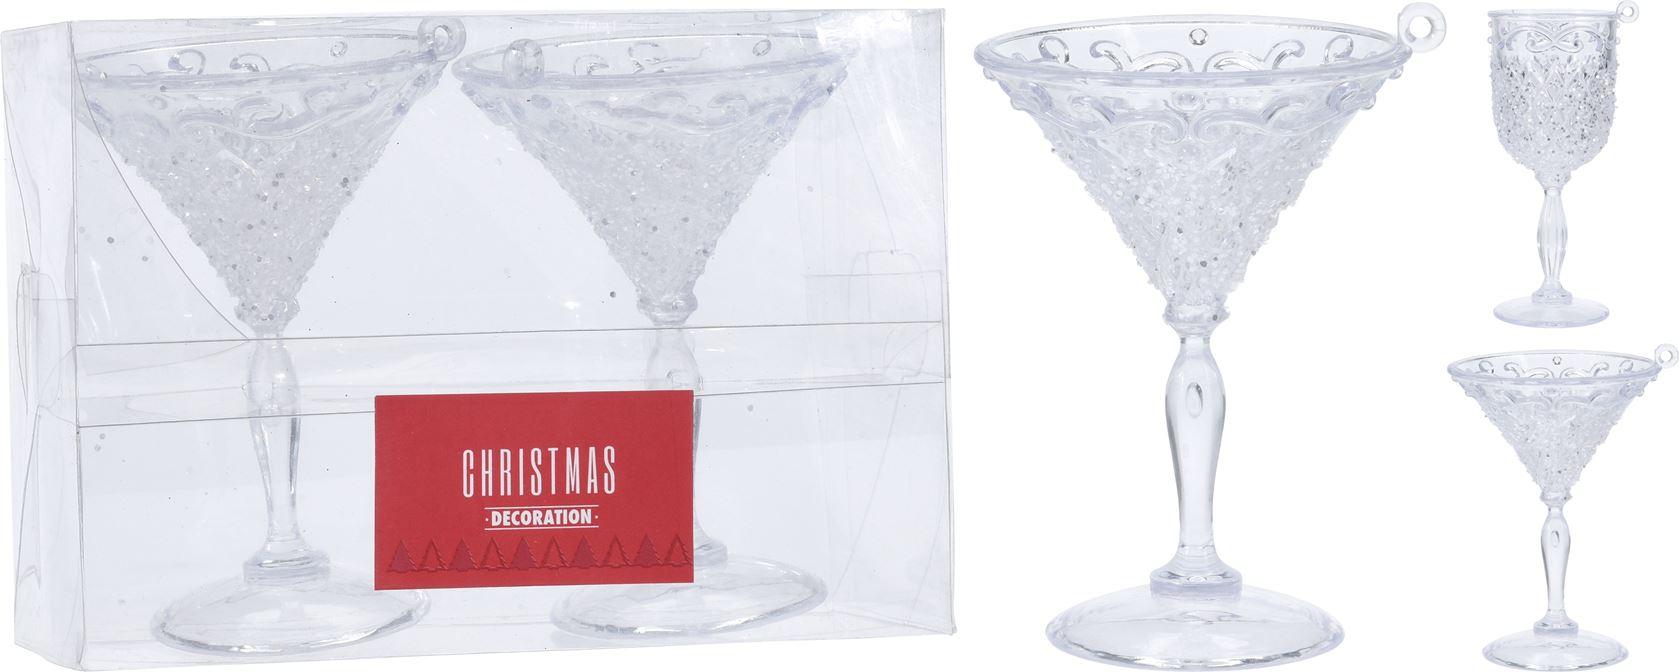 wijnglas set (2sts)(2ass.)